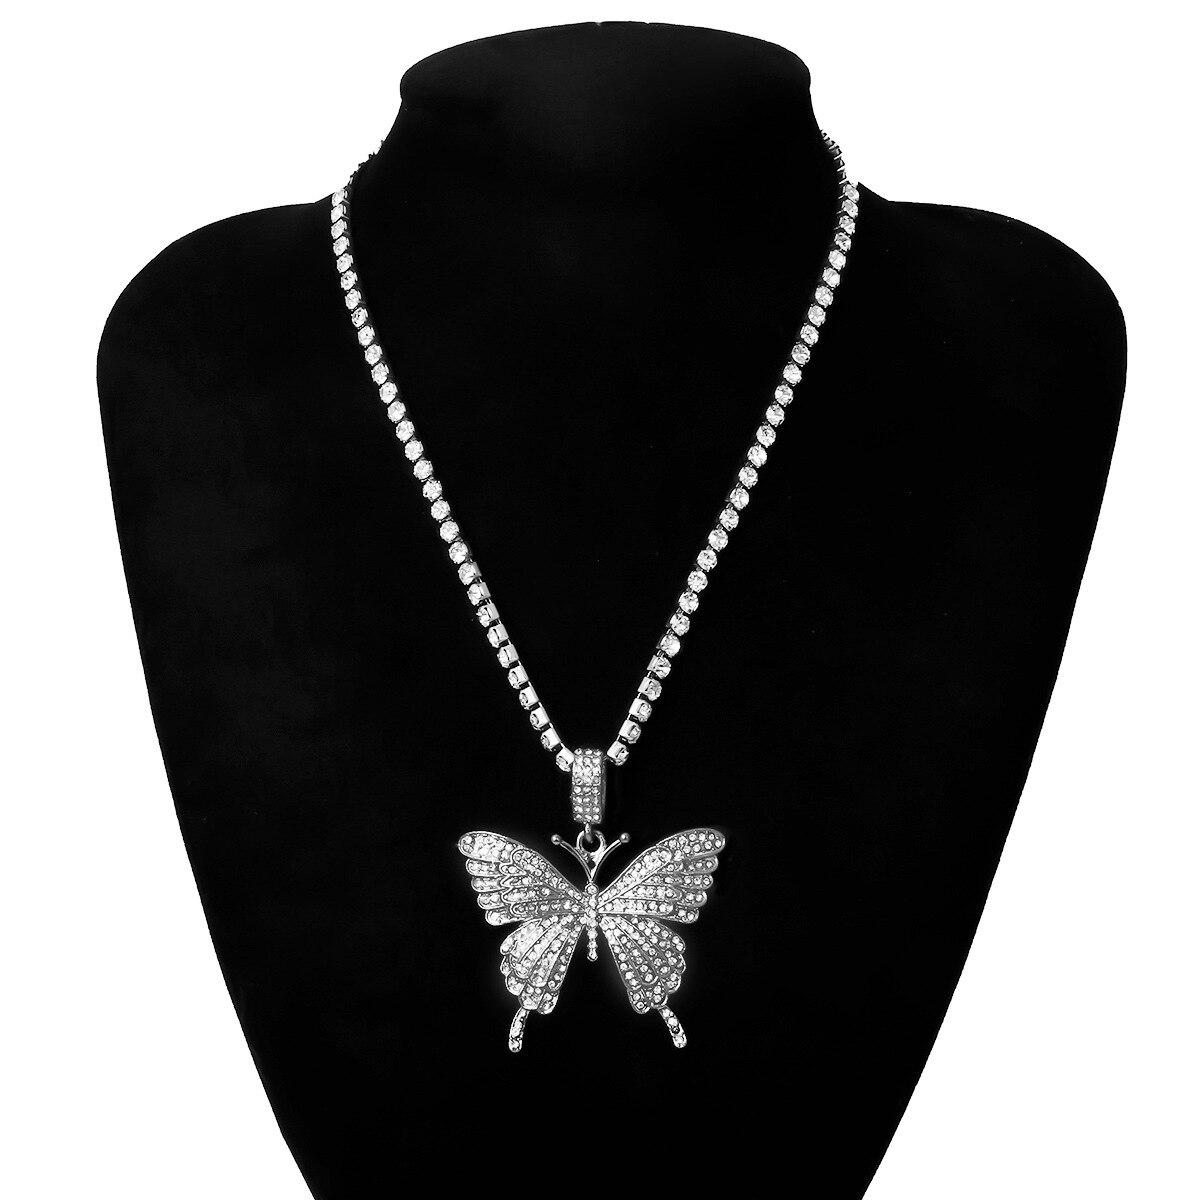 Бабочка-ожерелье-для-женщин-цепочка-чокер-со-стразами-Модные-bling-колье-ожерелья-2020-модное-роскошное-ювелирное-украшение-подарок